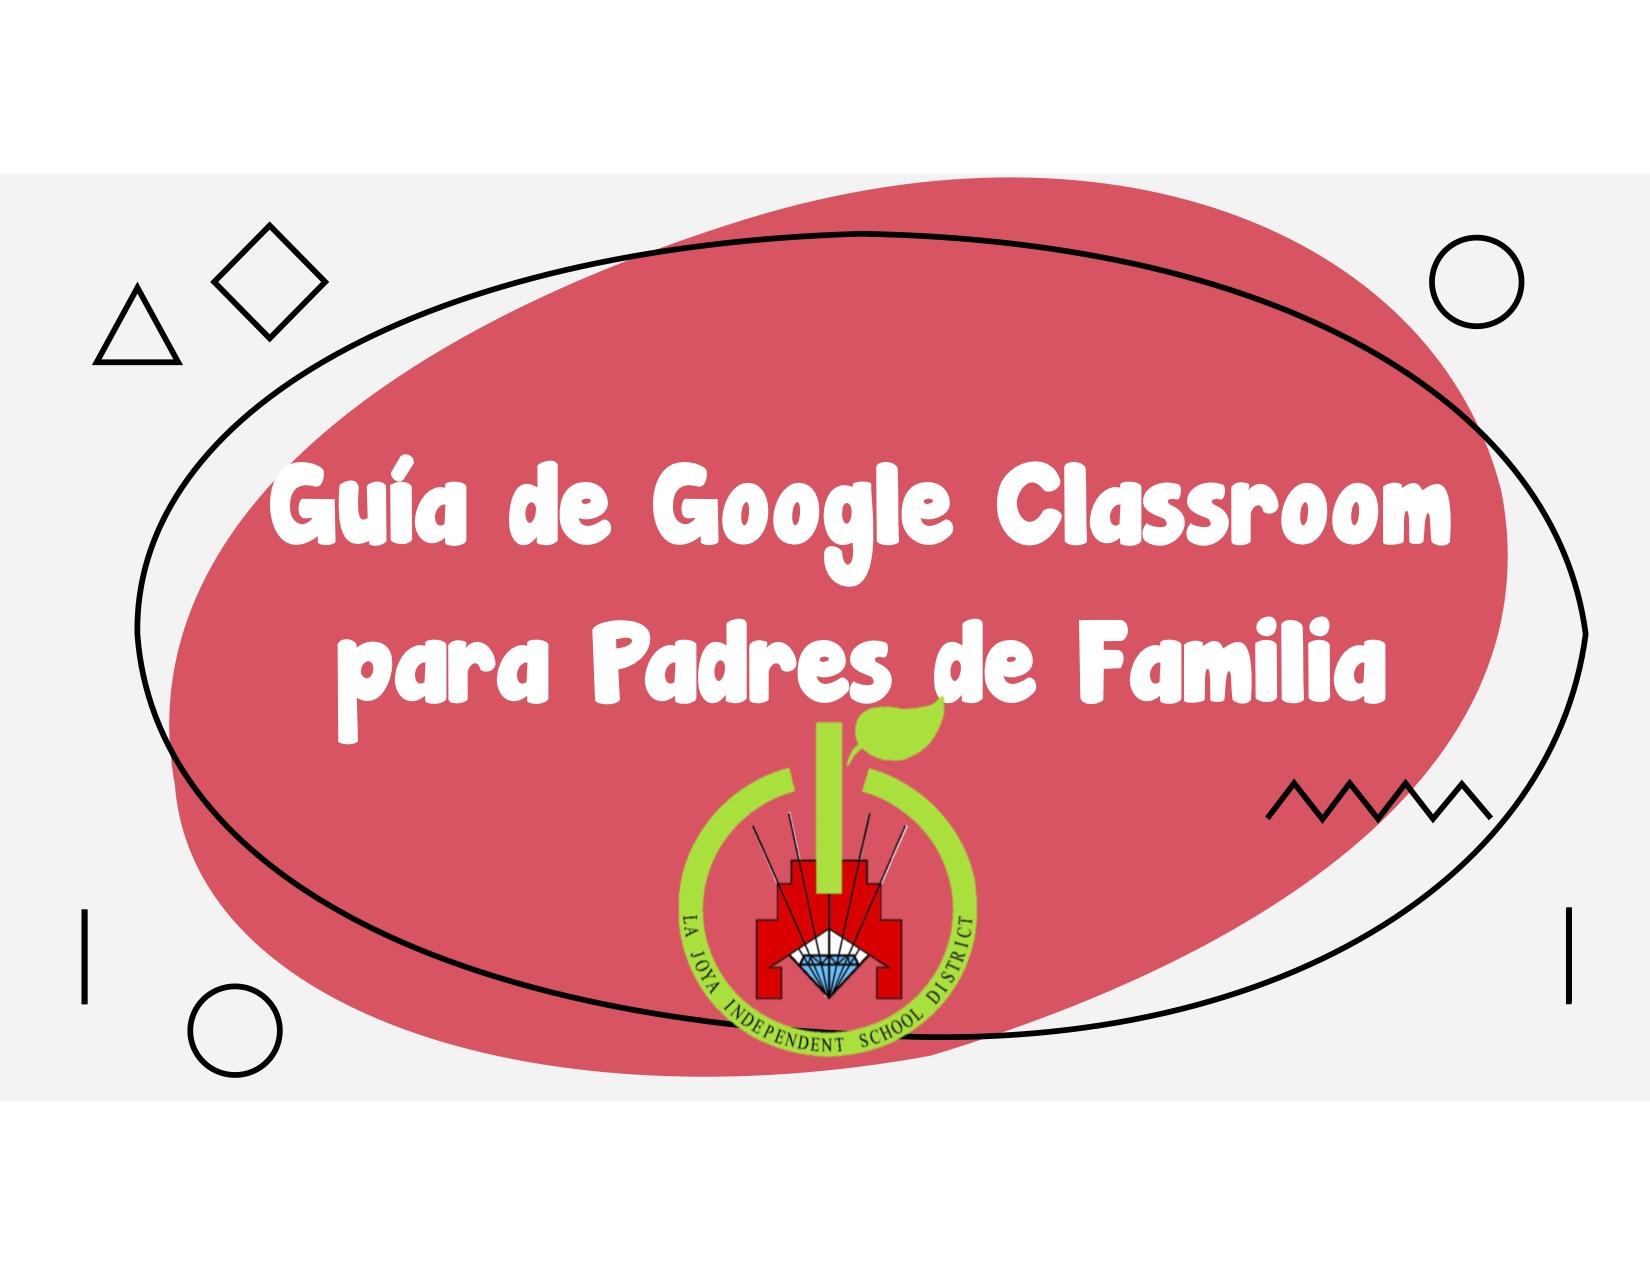 Guía de Google Classroom